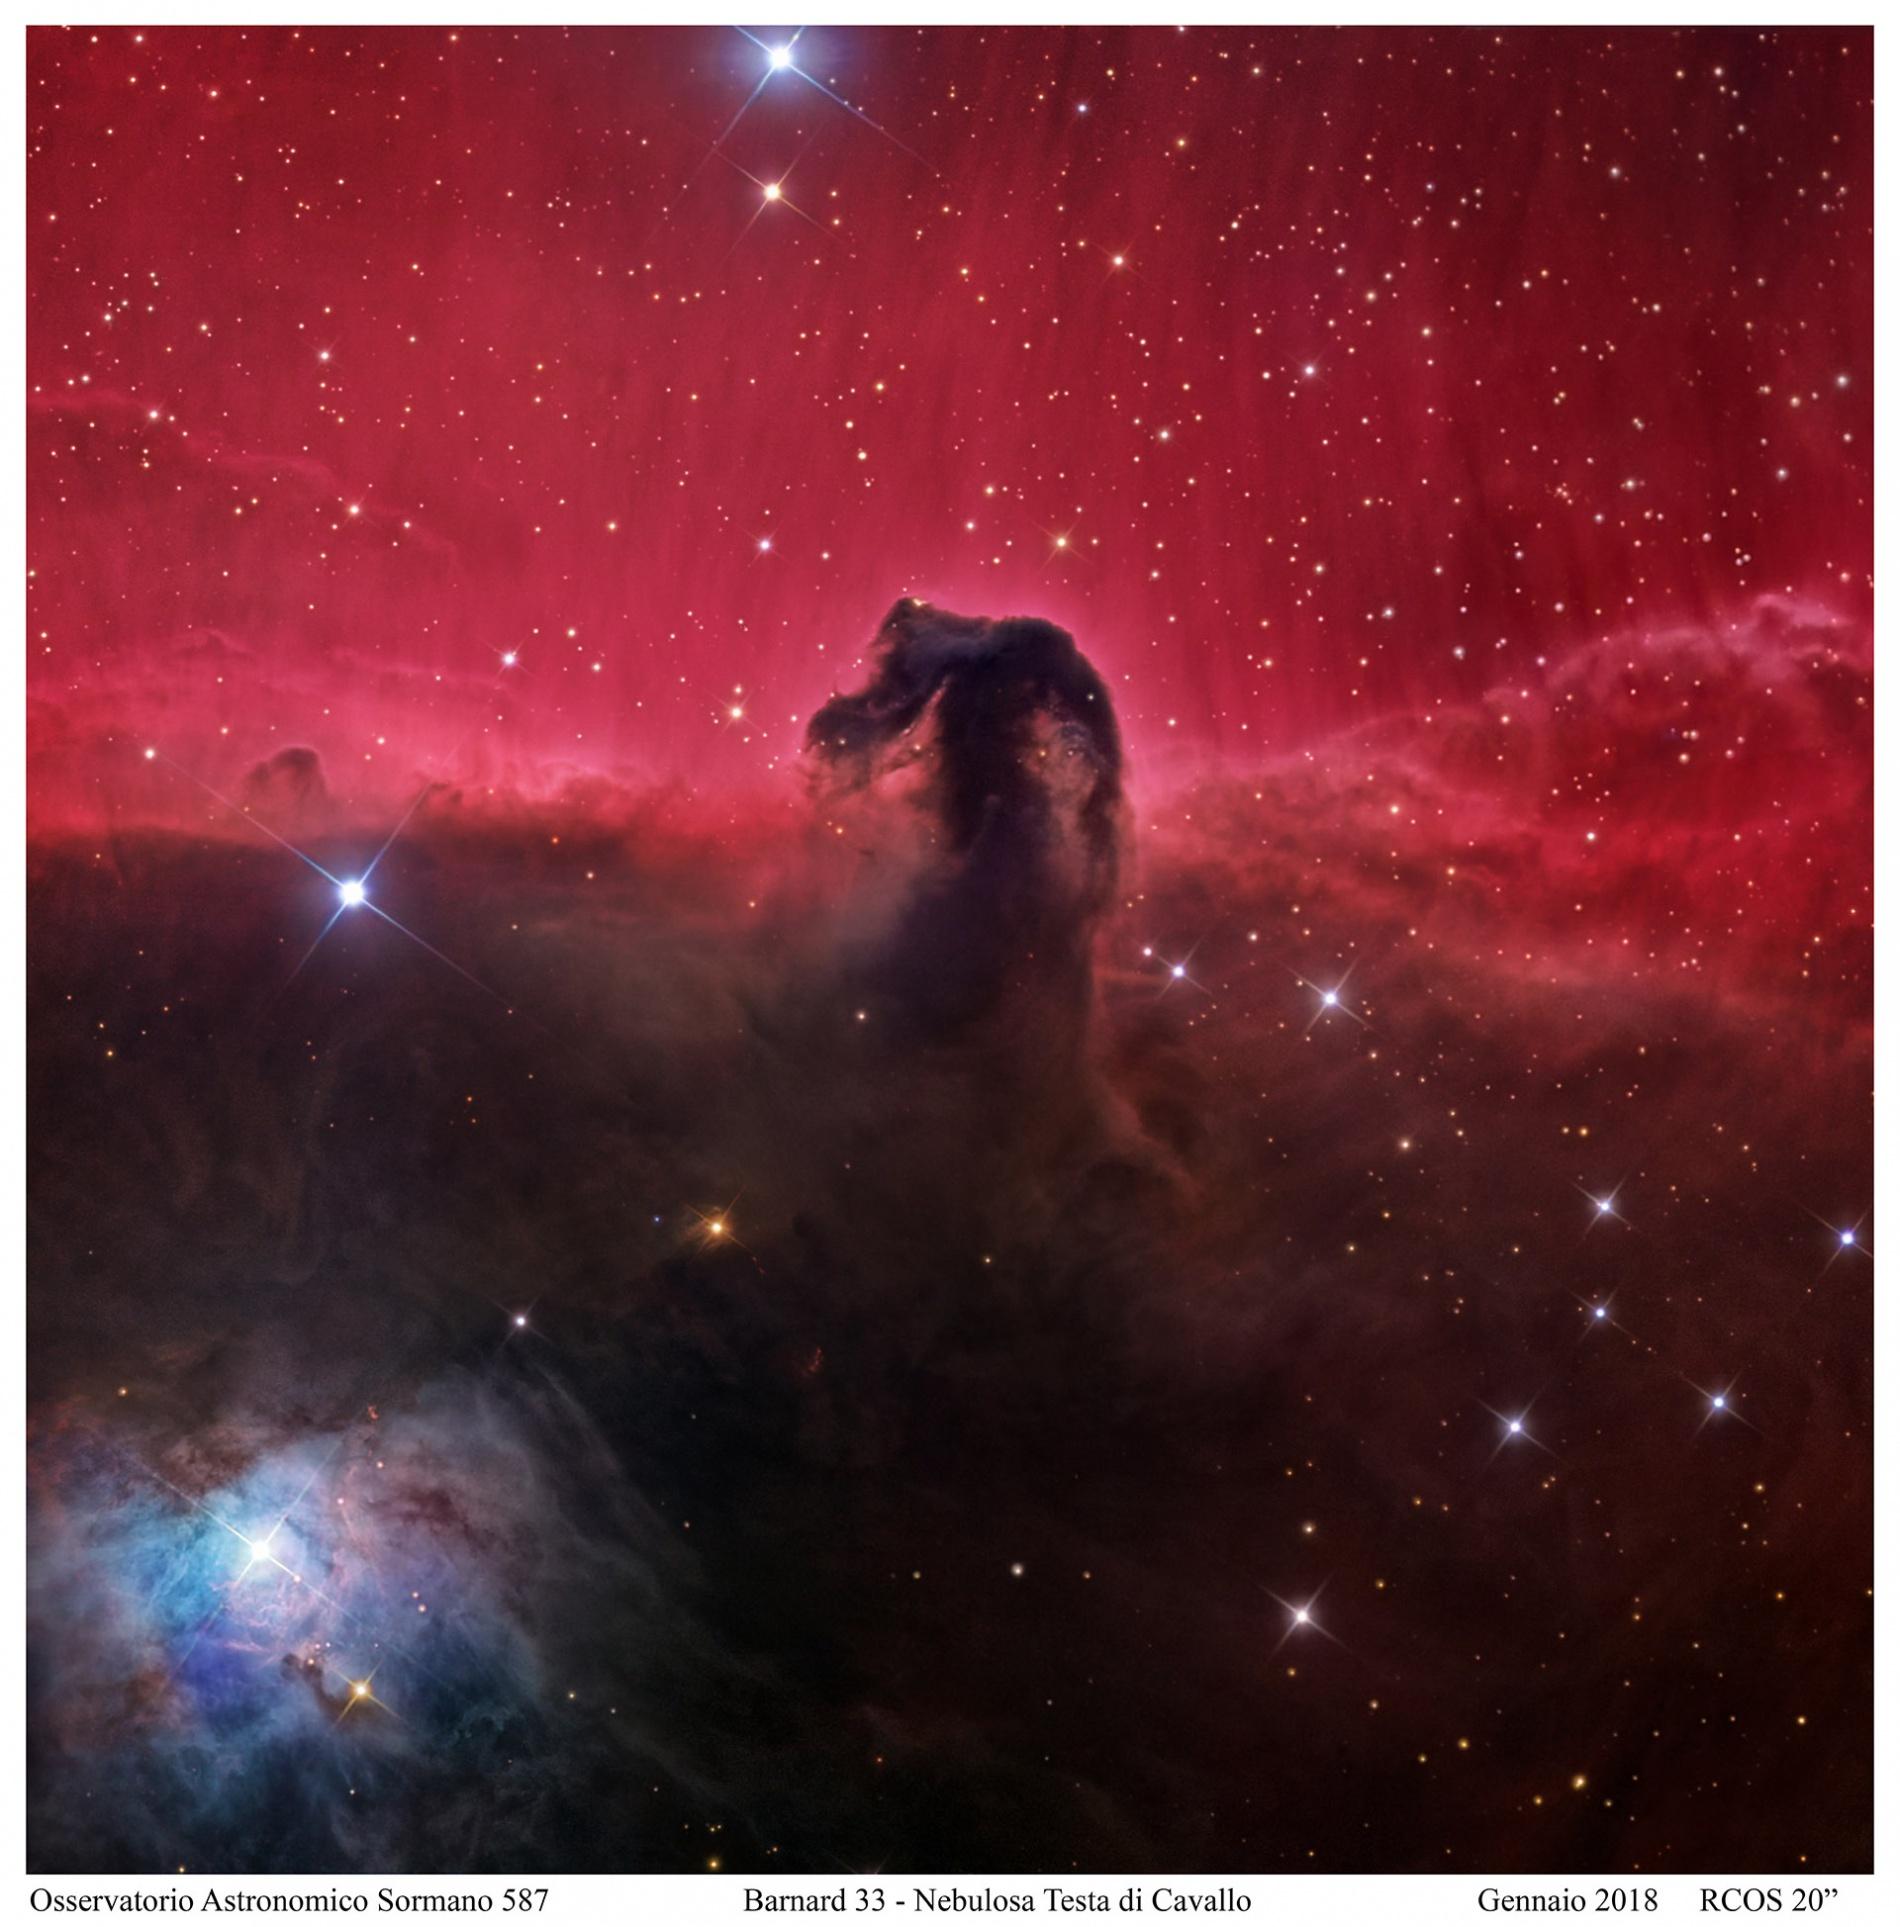 B33: A cavallo tra le stelle di domani